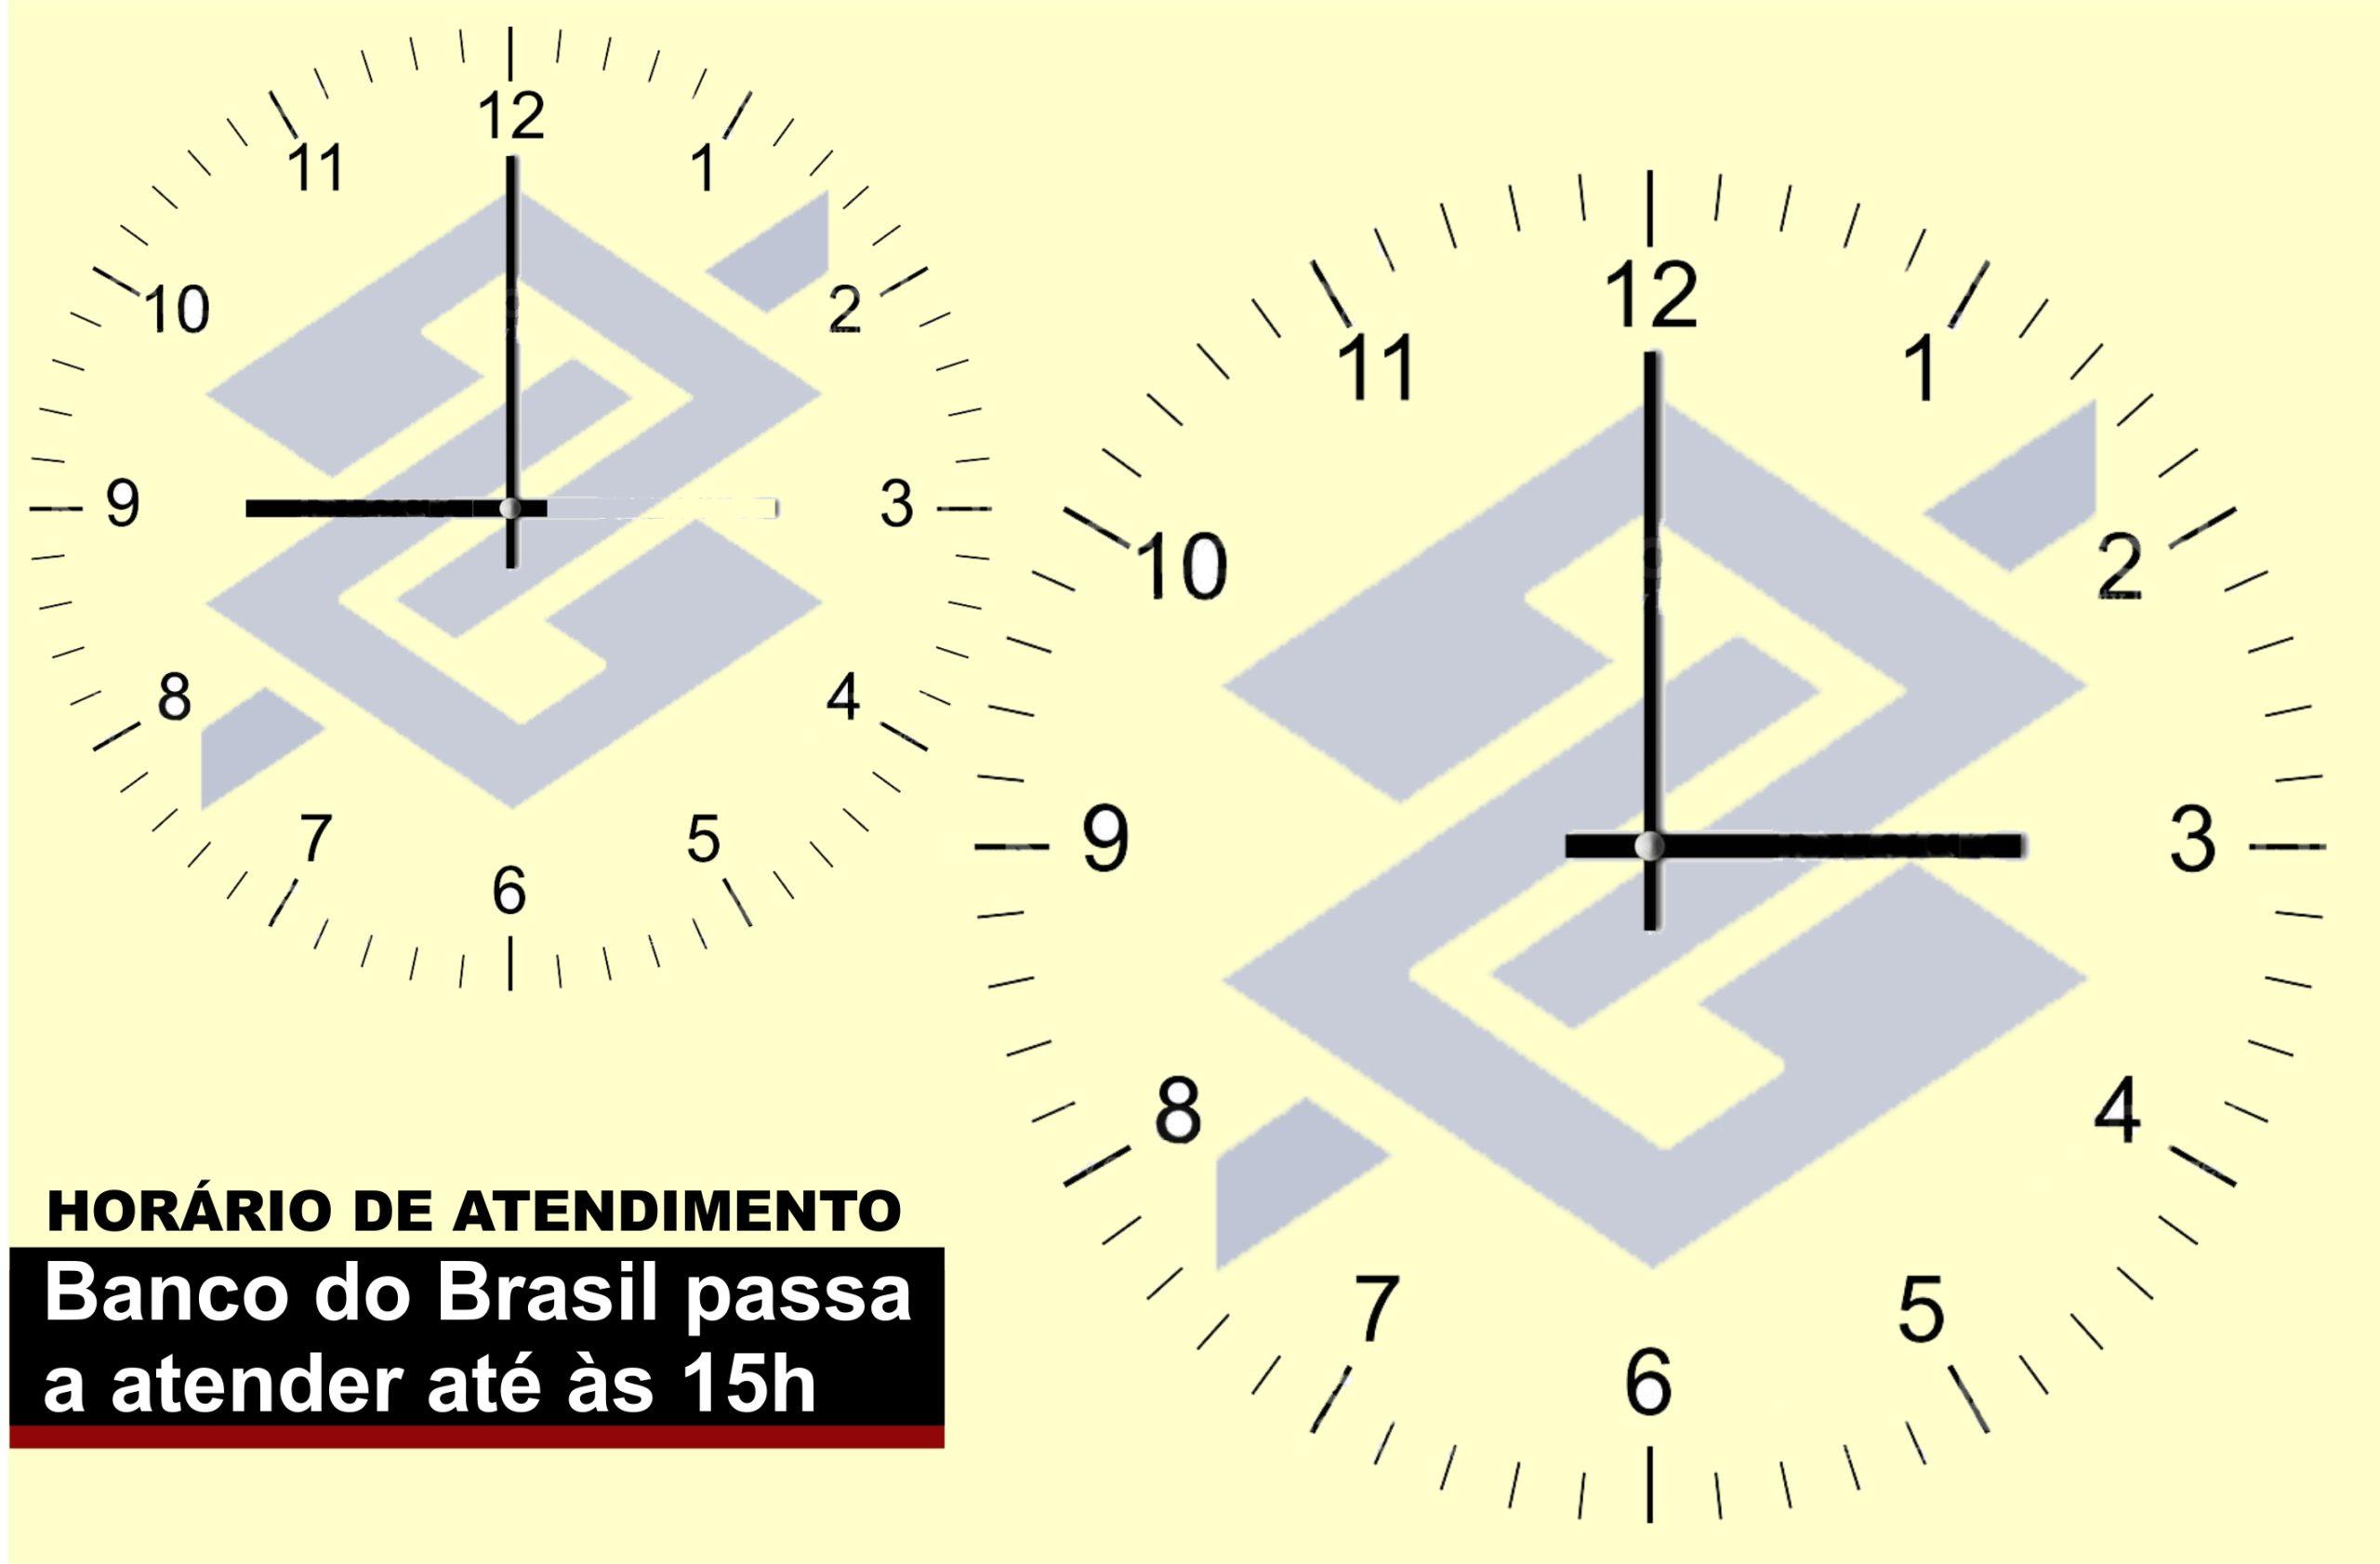 tag-horario-de-atendimento-bb-scaled.jpg